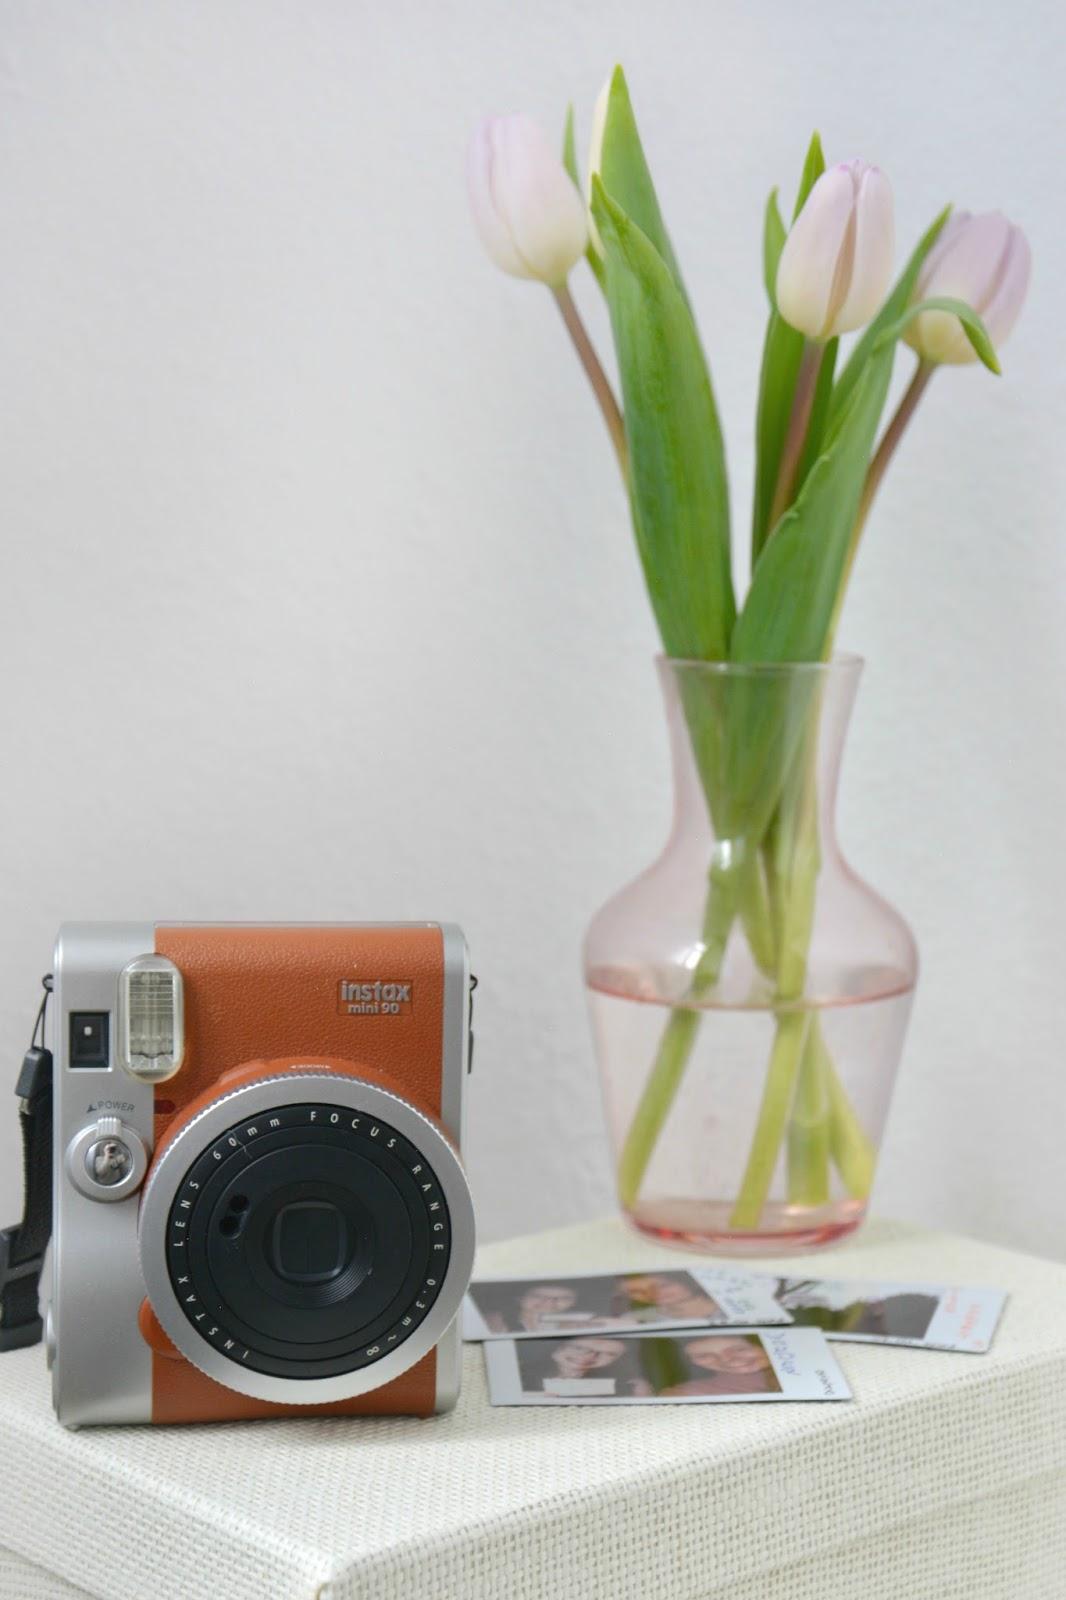 Instax Mini 90s Retro Brown; Polariod Pictures; Fresh Tulips; Primark Pink Vase